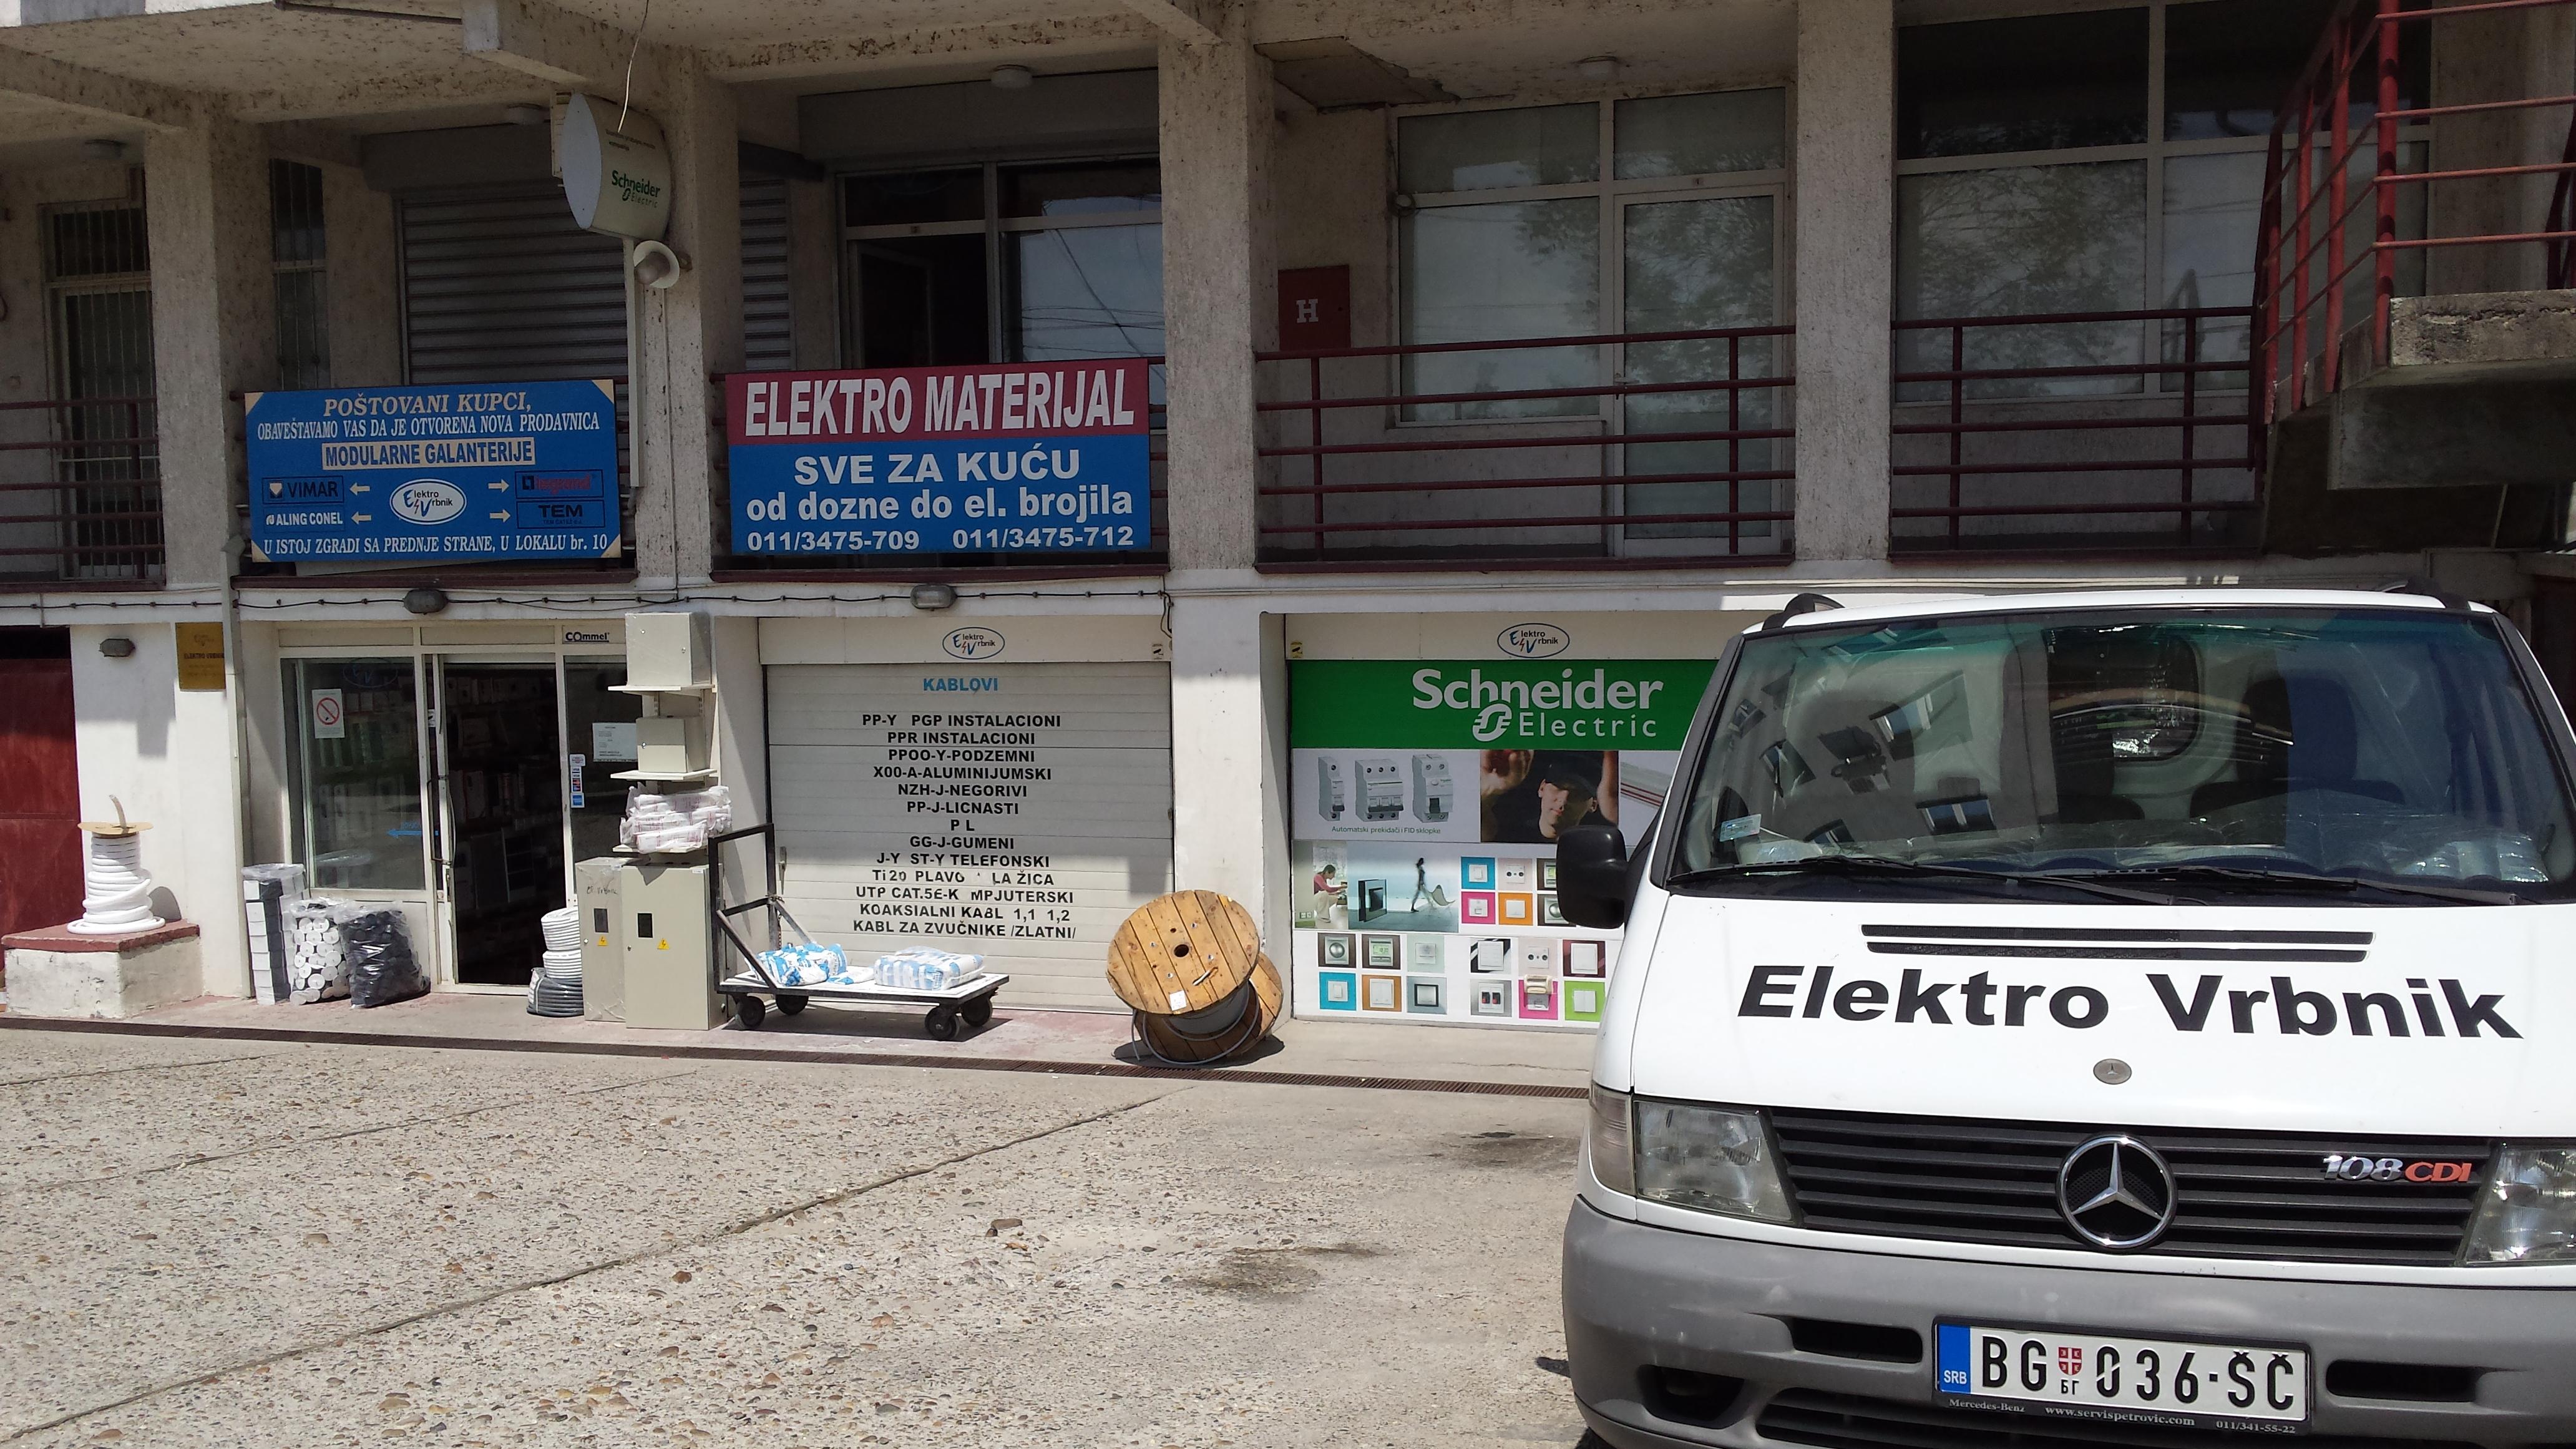 Elektro materijal Elektro Vrbnik